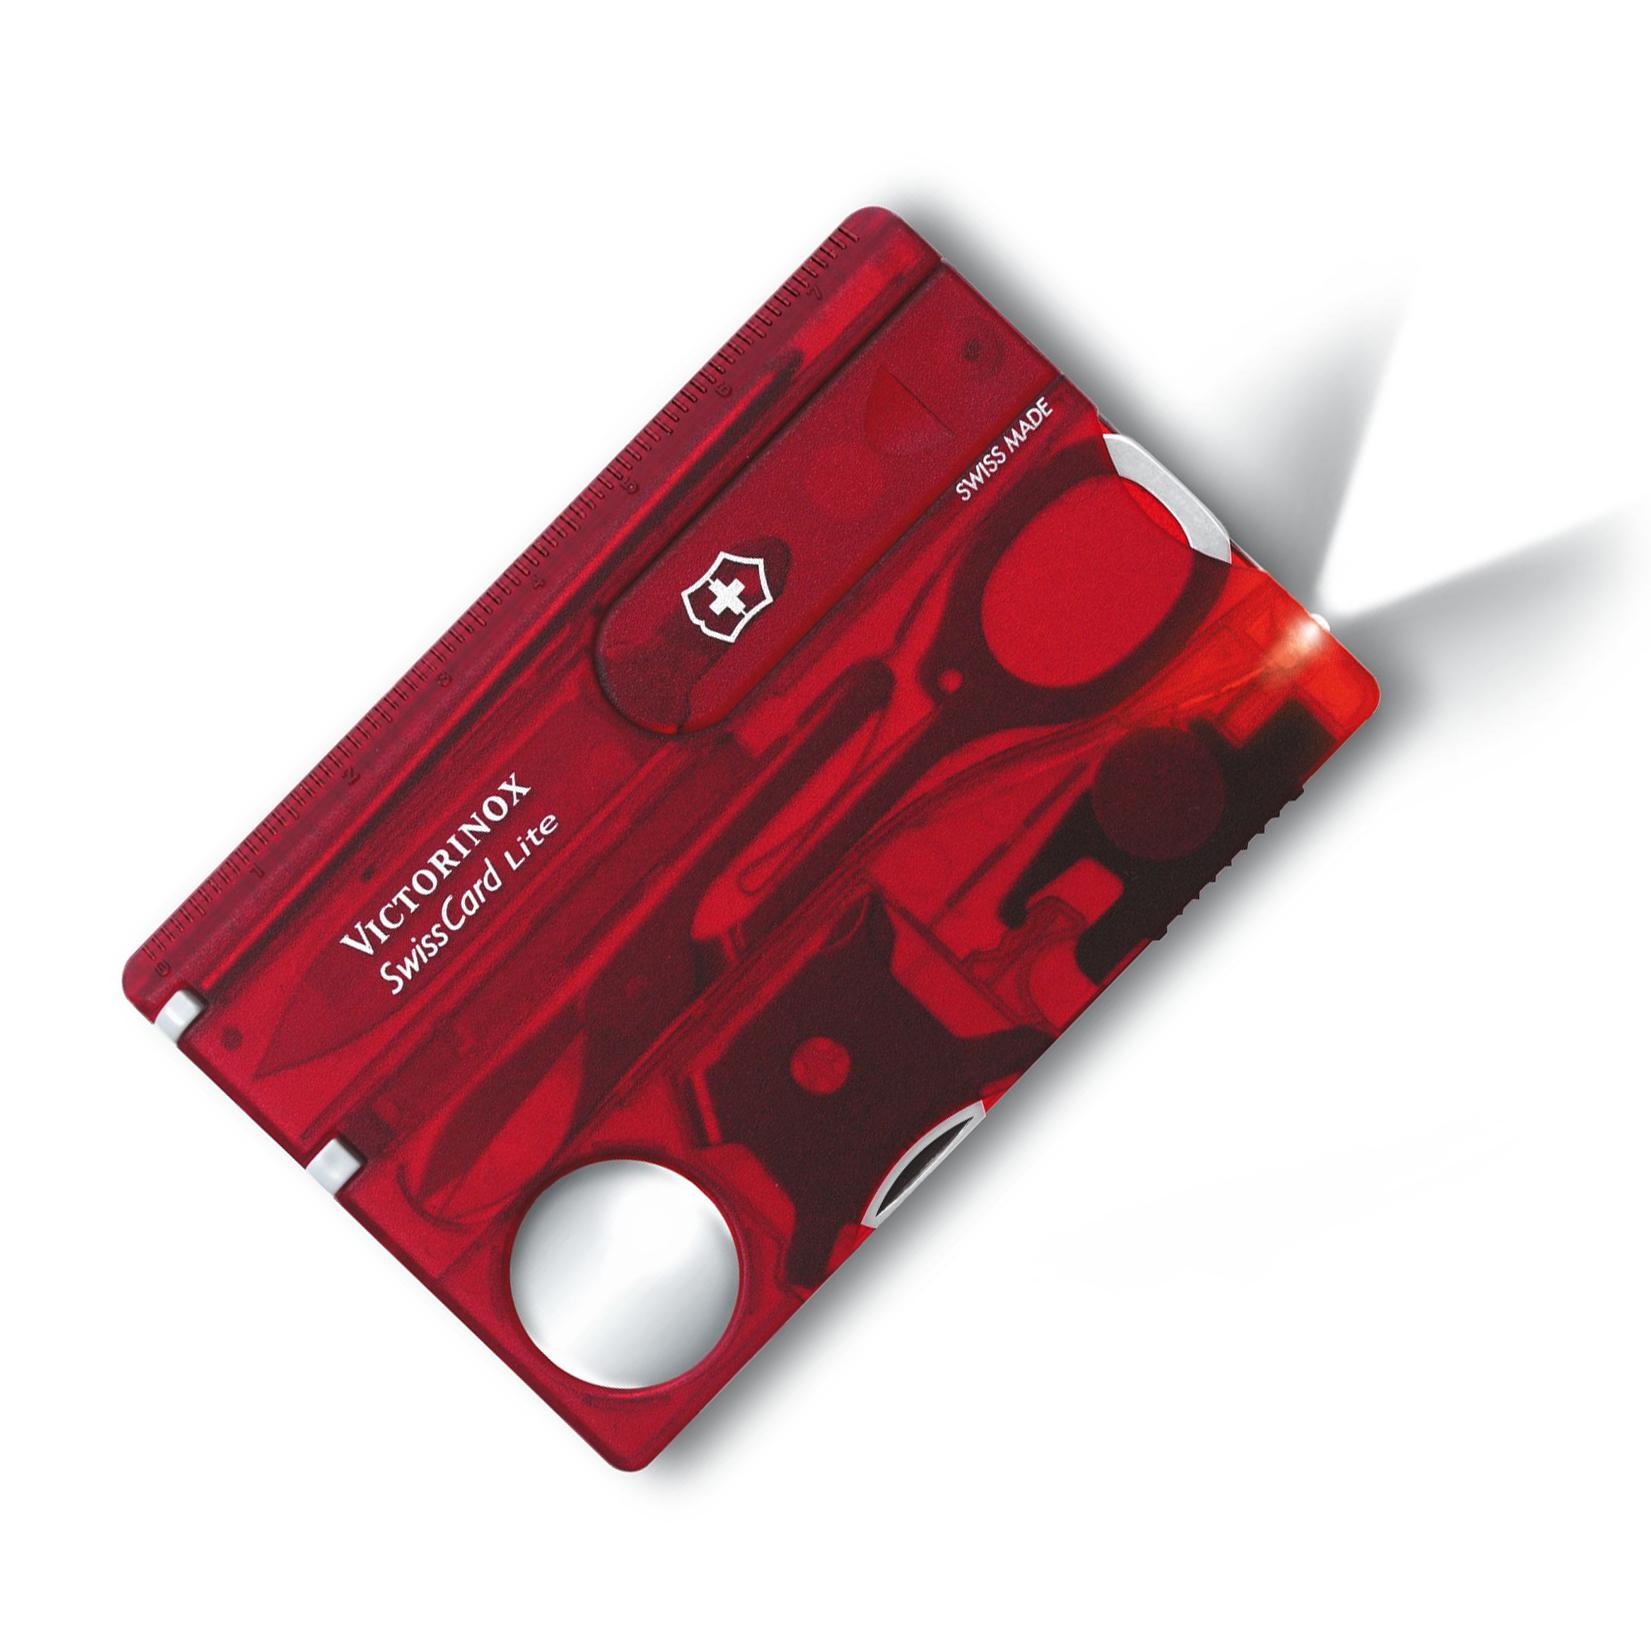 Швейцарская карта Victorinox SwissCard Lite, сталь X50CrMoV15, рукоять ABS-пластик, полупрозрачный красный